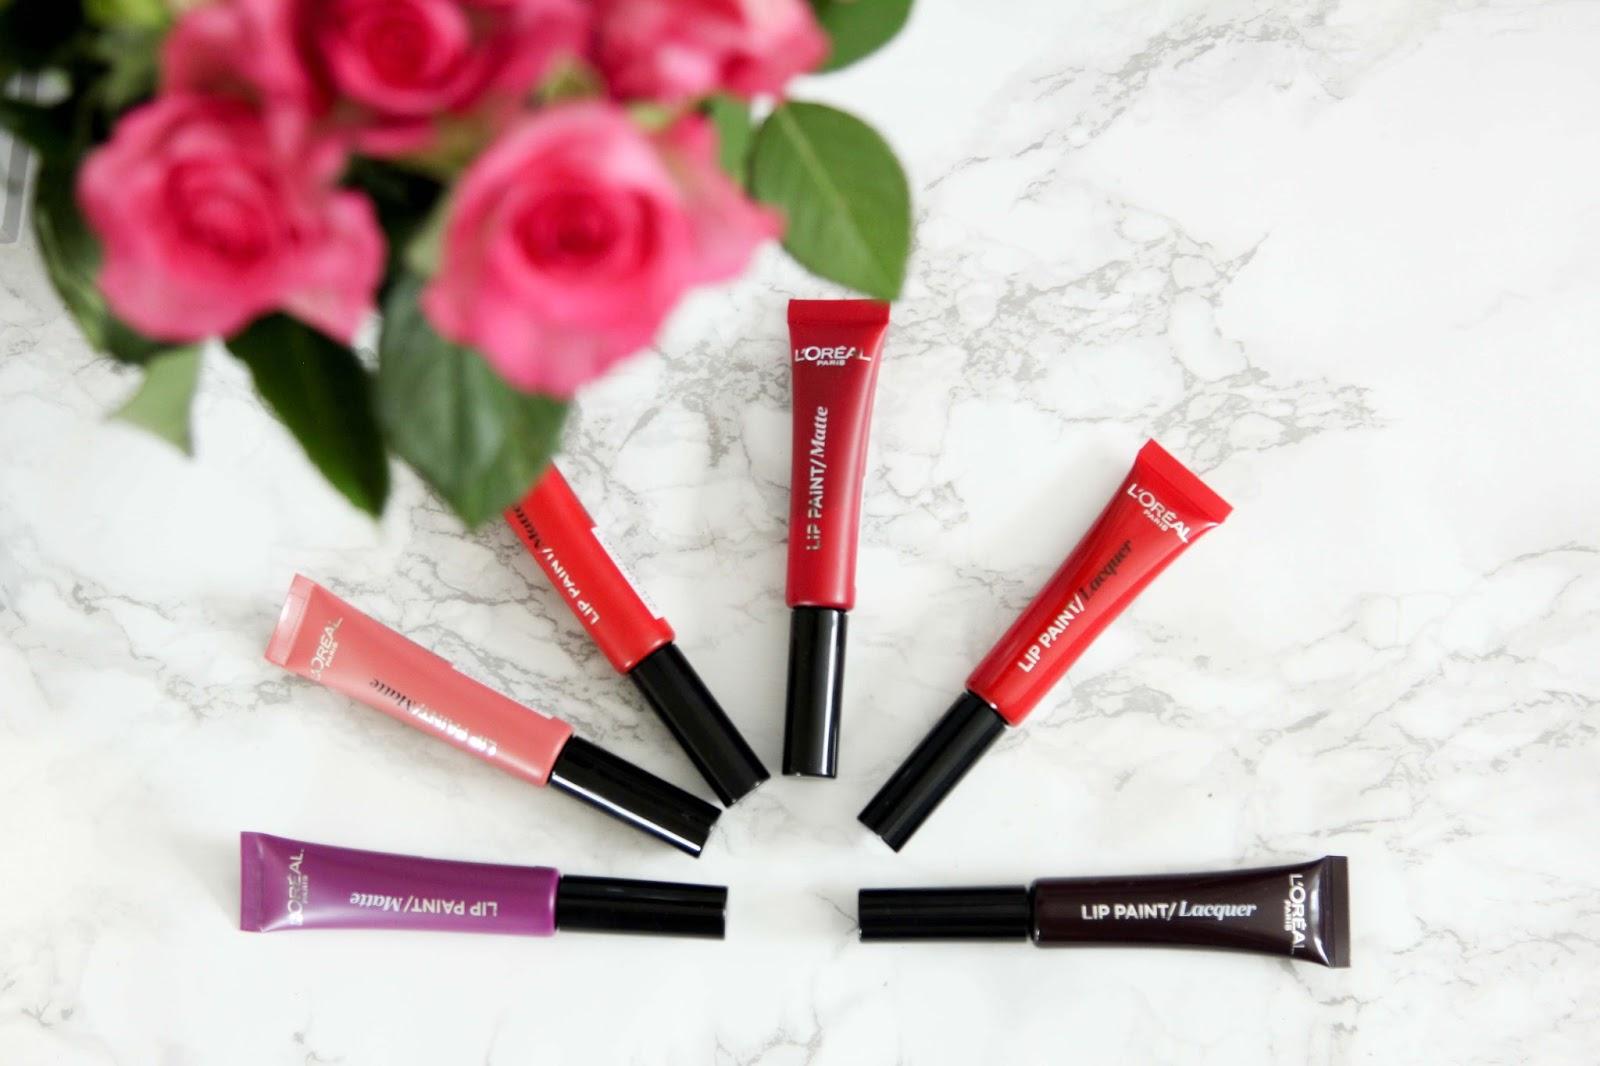 Die Lip Paint Lacquer (glänzend) und die Lip Paint Matte (matt) von L'Oréal Paris -Produkt-Test-Lippenstift-Blogger-Lippenstift- Lip Paint Matte von L'Oréal Paris